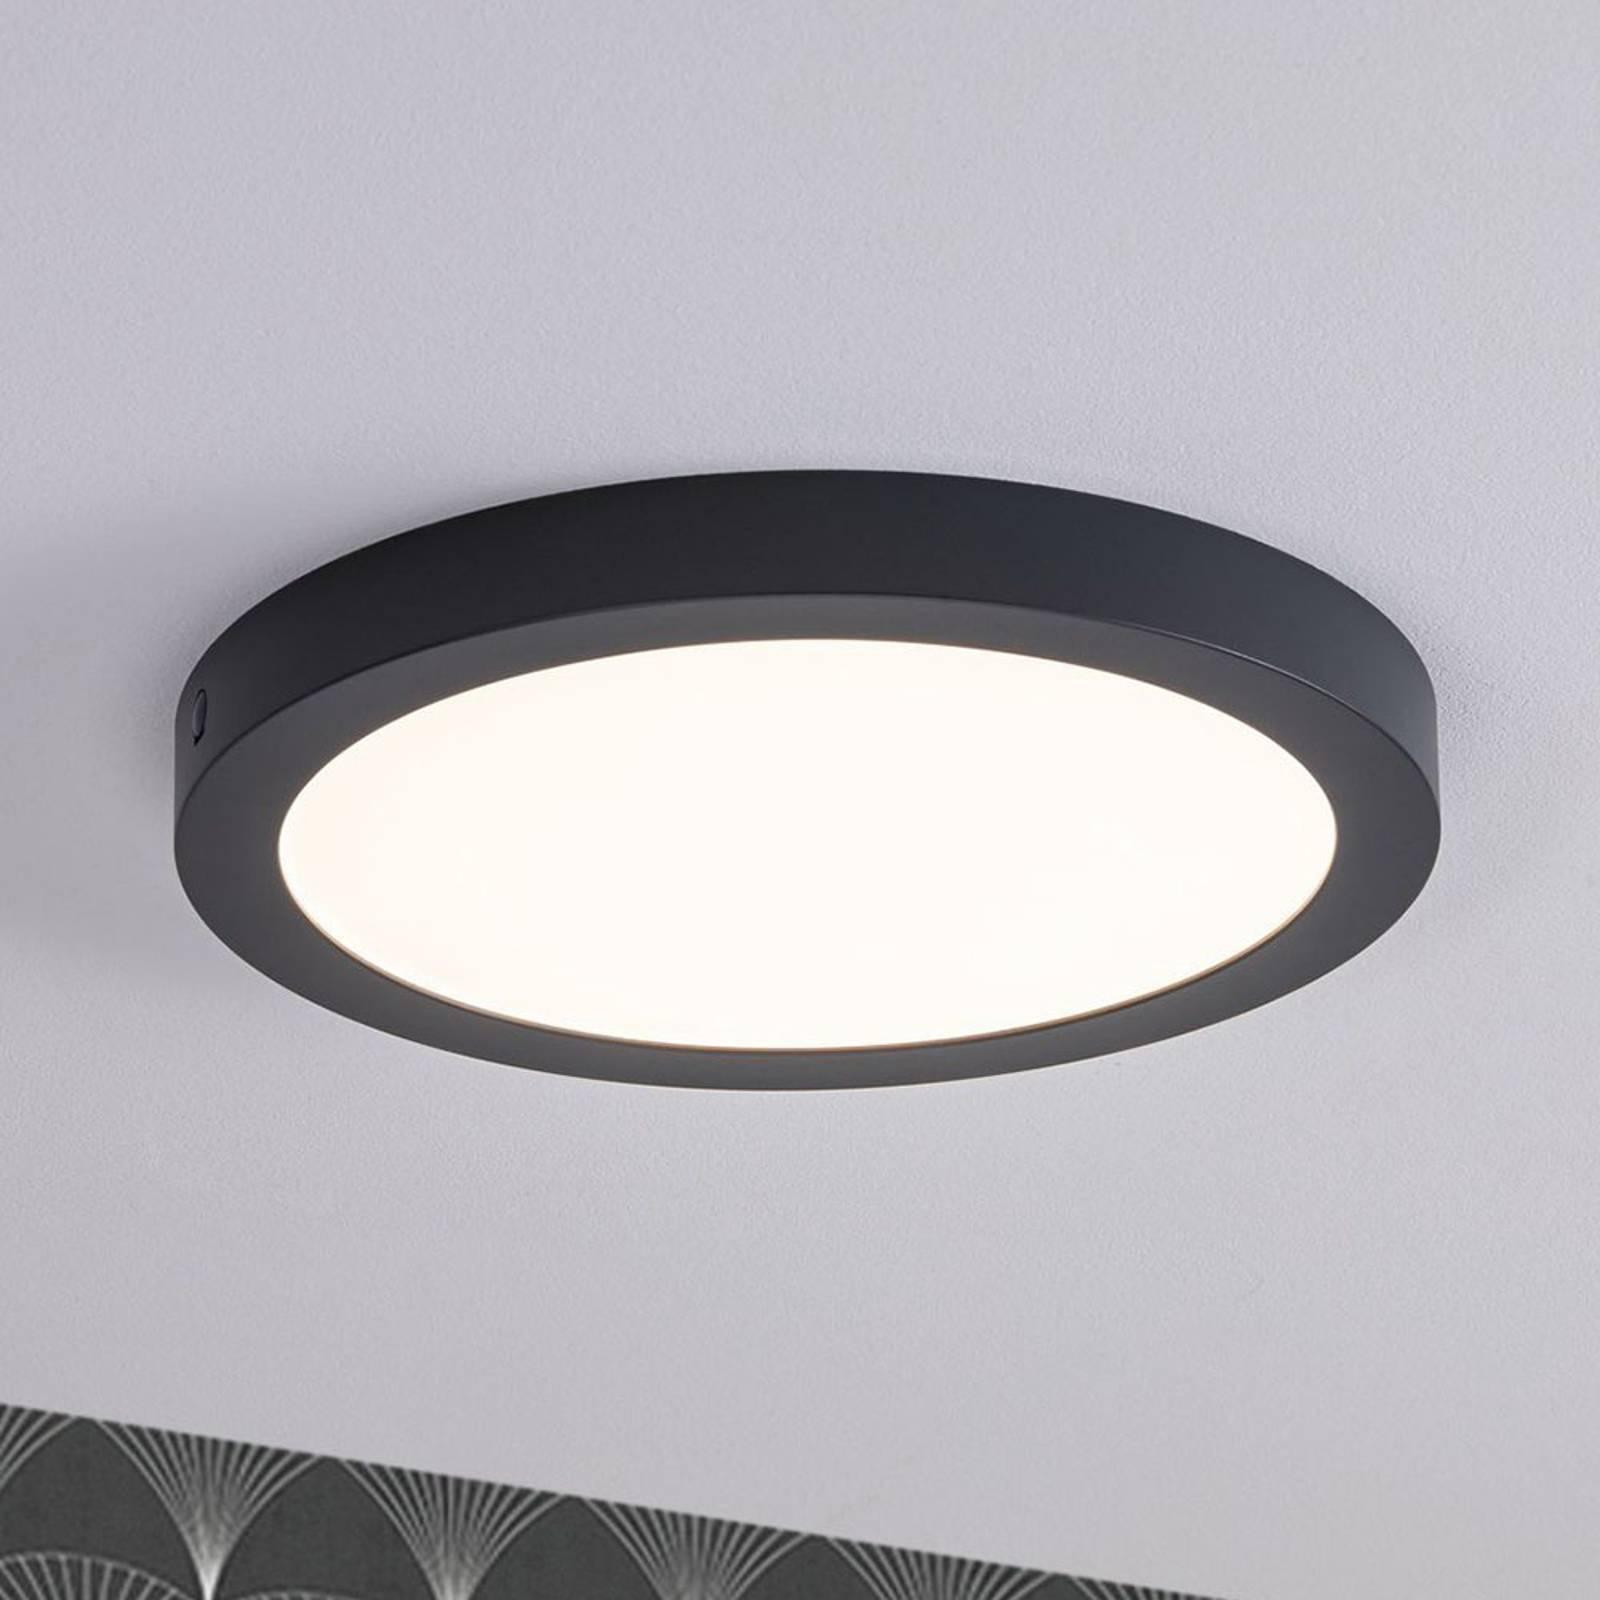 Paulmann-LED-paneeli Abia, pyöreä, tummanharmaa